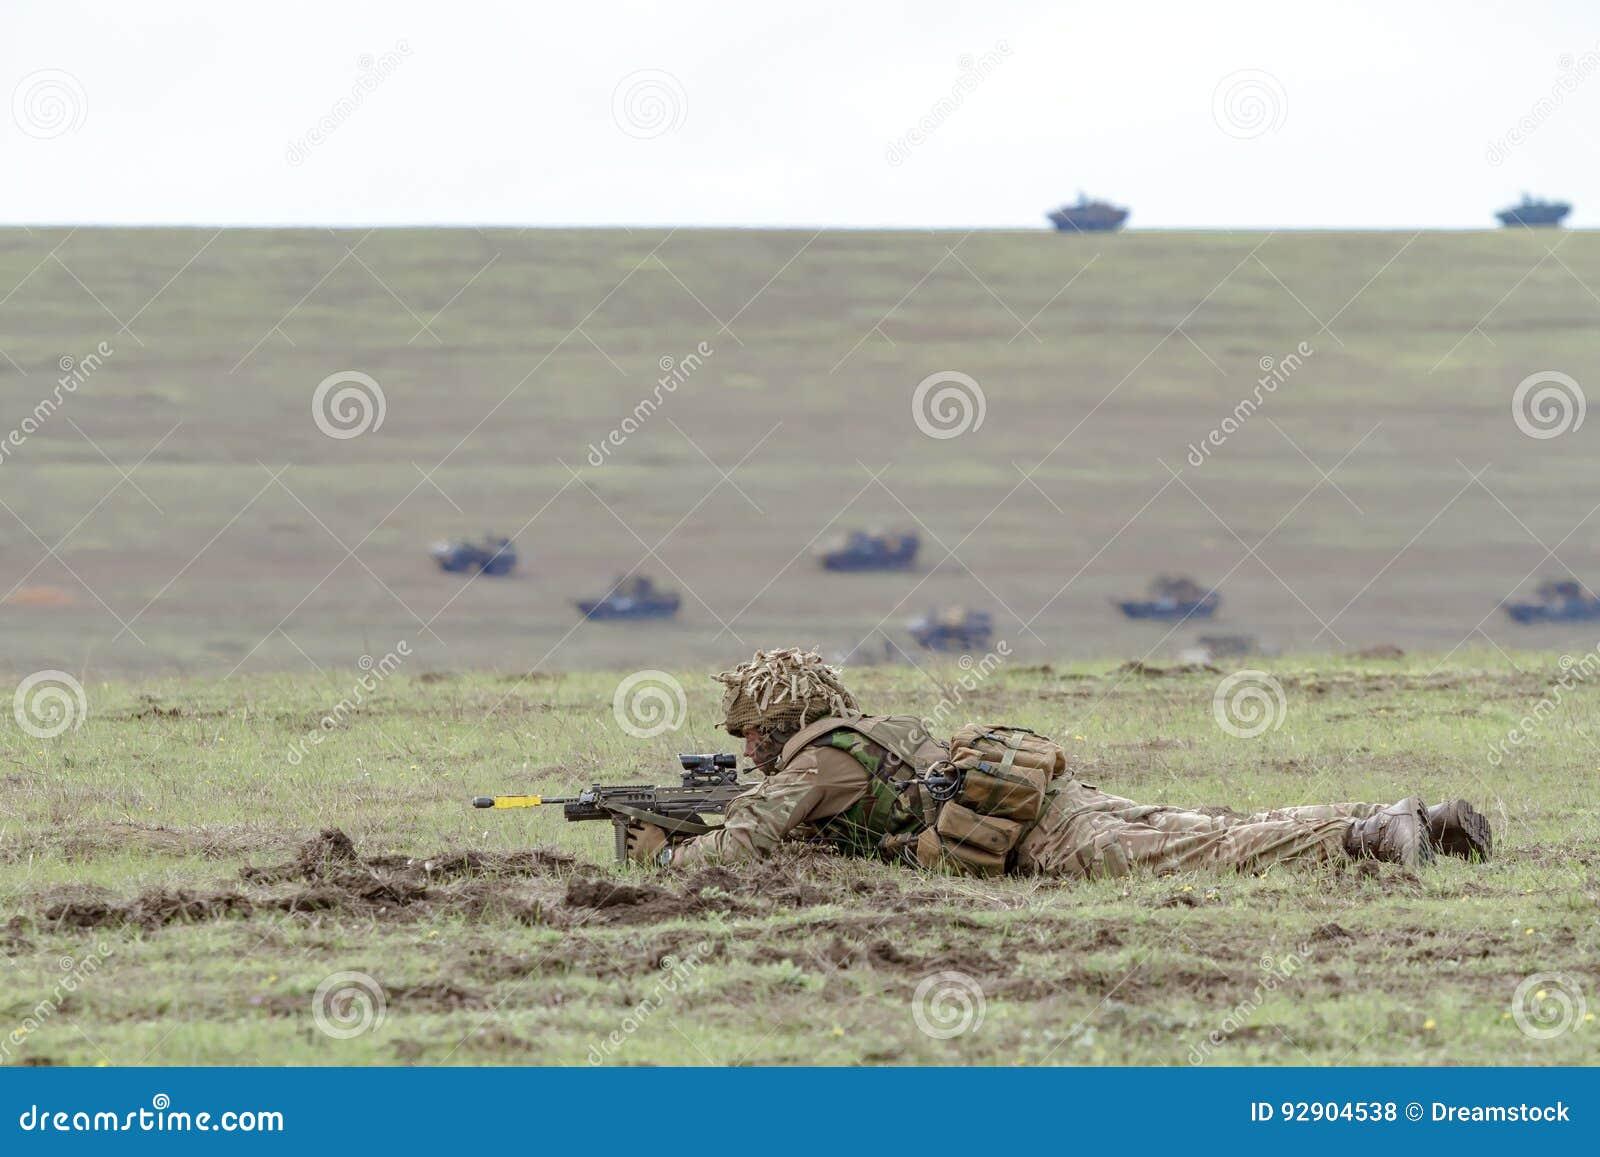 ROMANIA-NATO-ARMY-EXERCISE